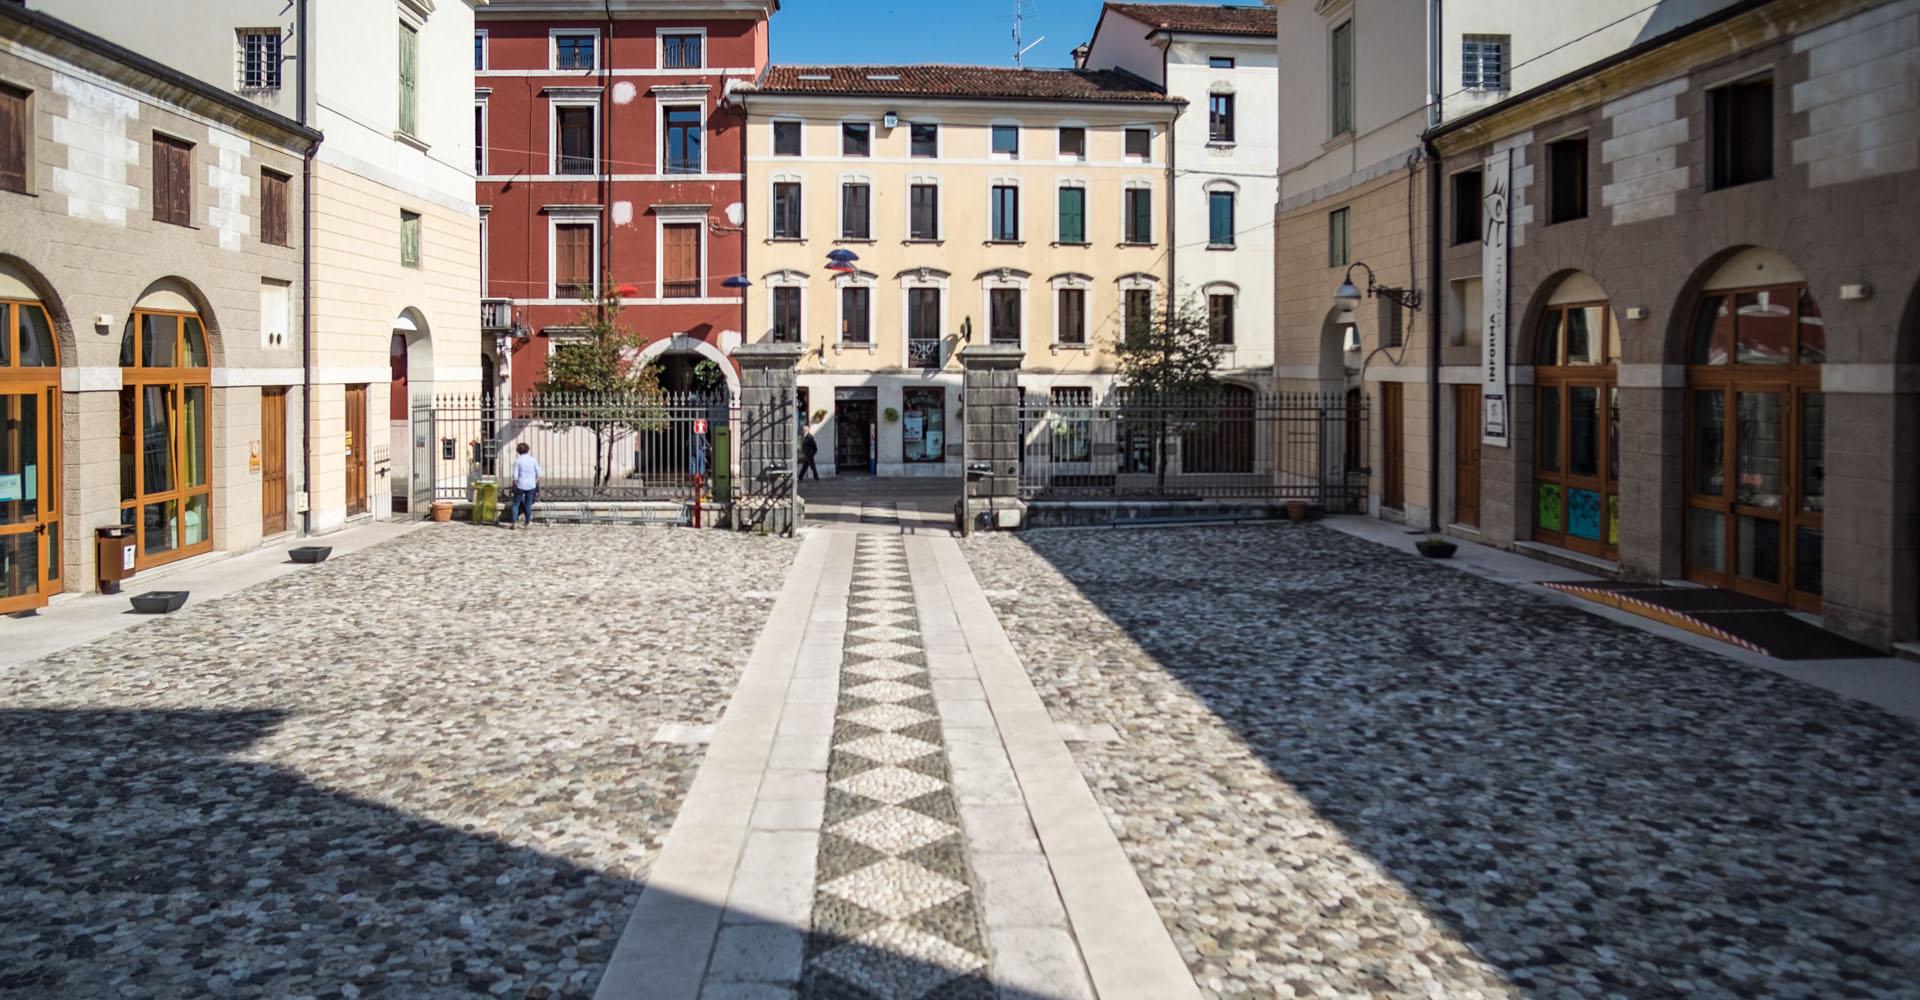 Restauro - Palazzo Fogazzaro a Schio (VI)